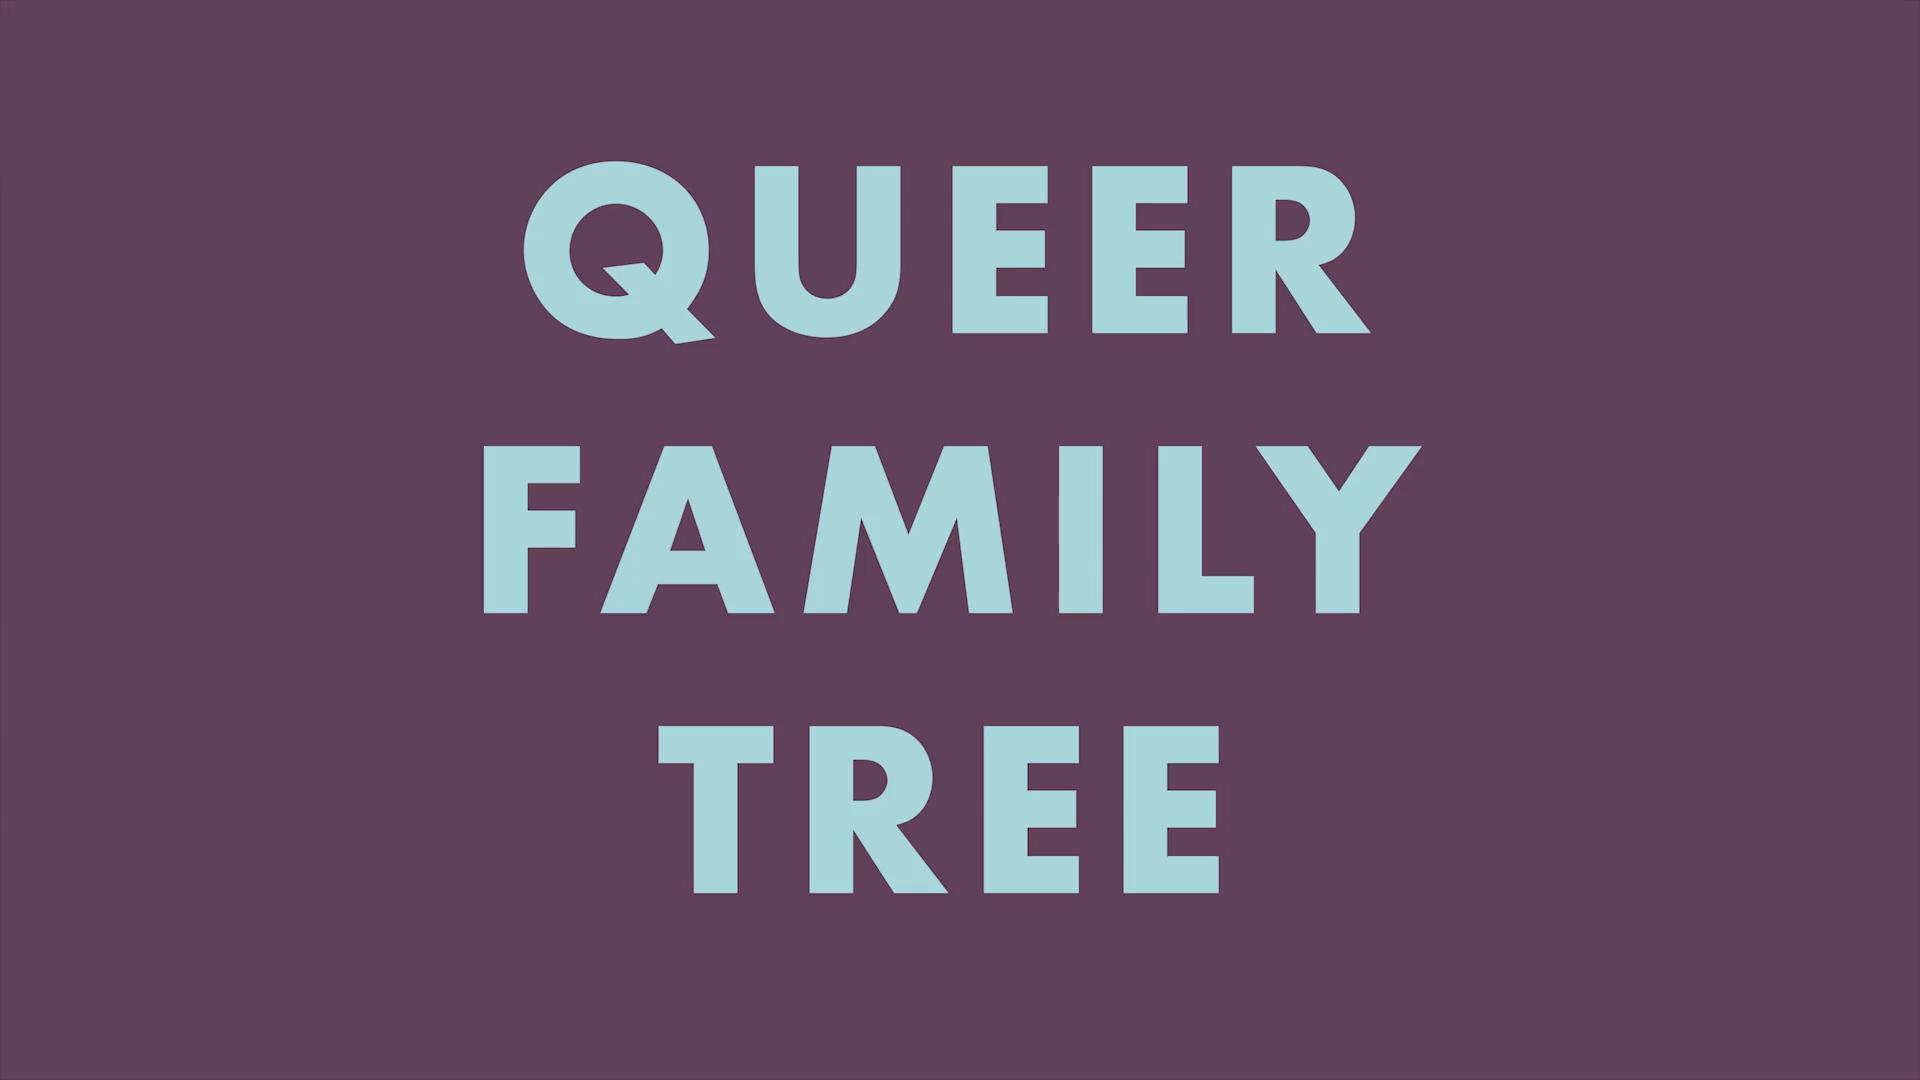 Queer Family Tree.jpg